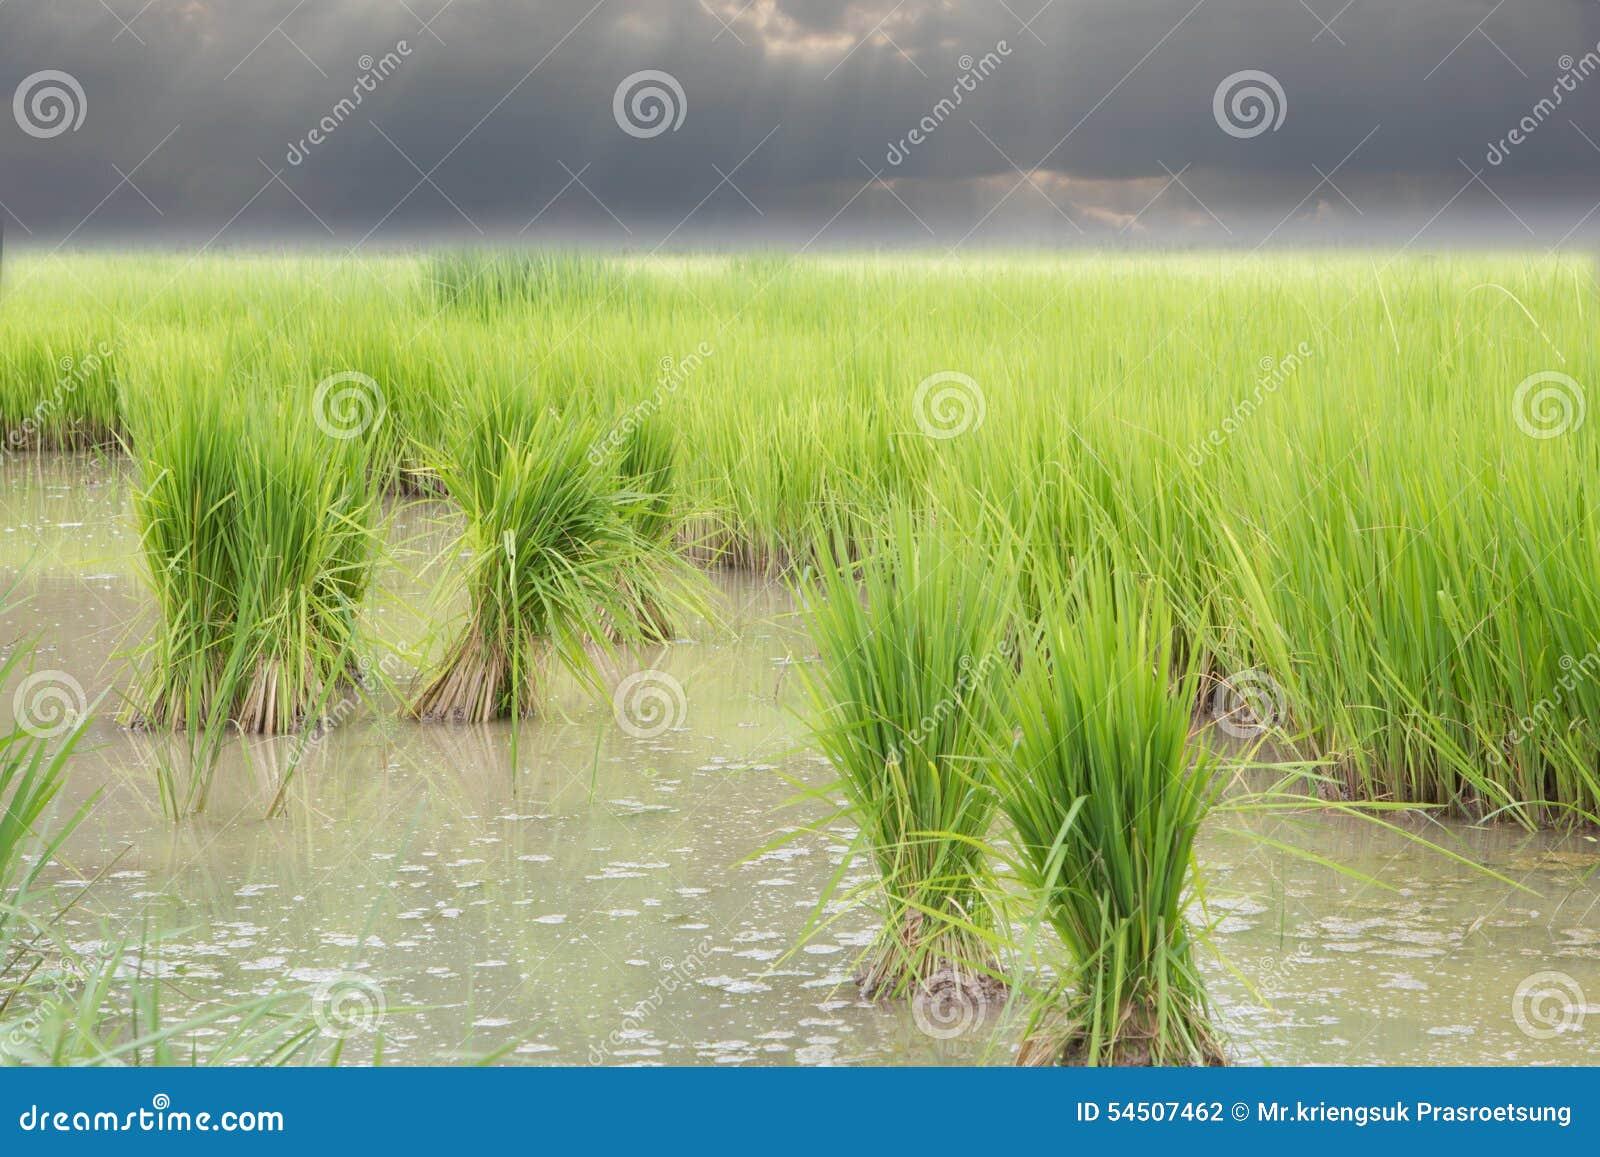 Période de végétation